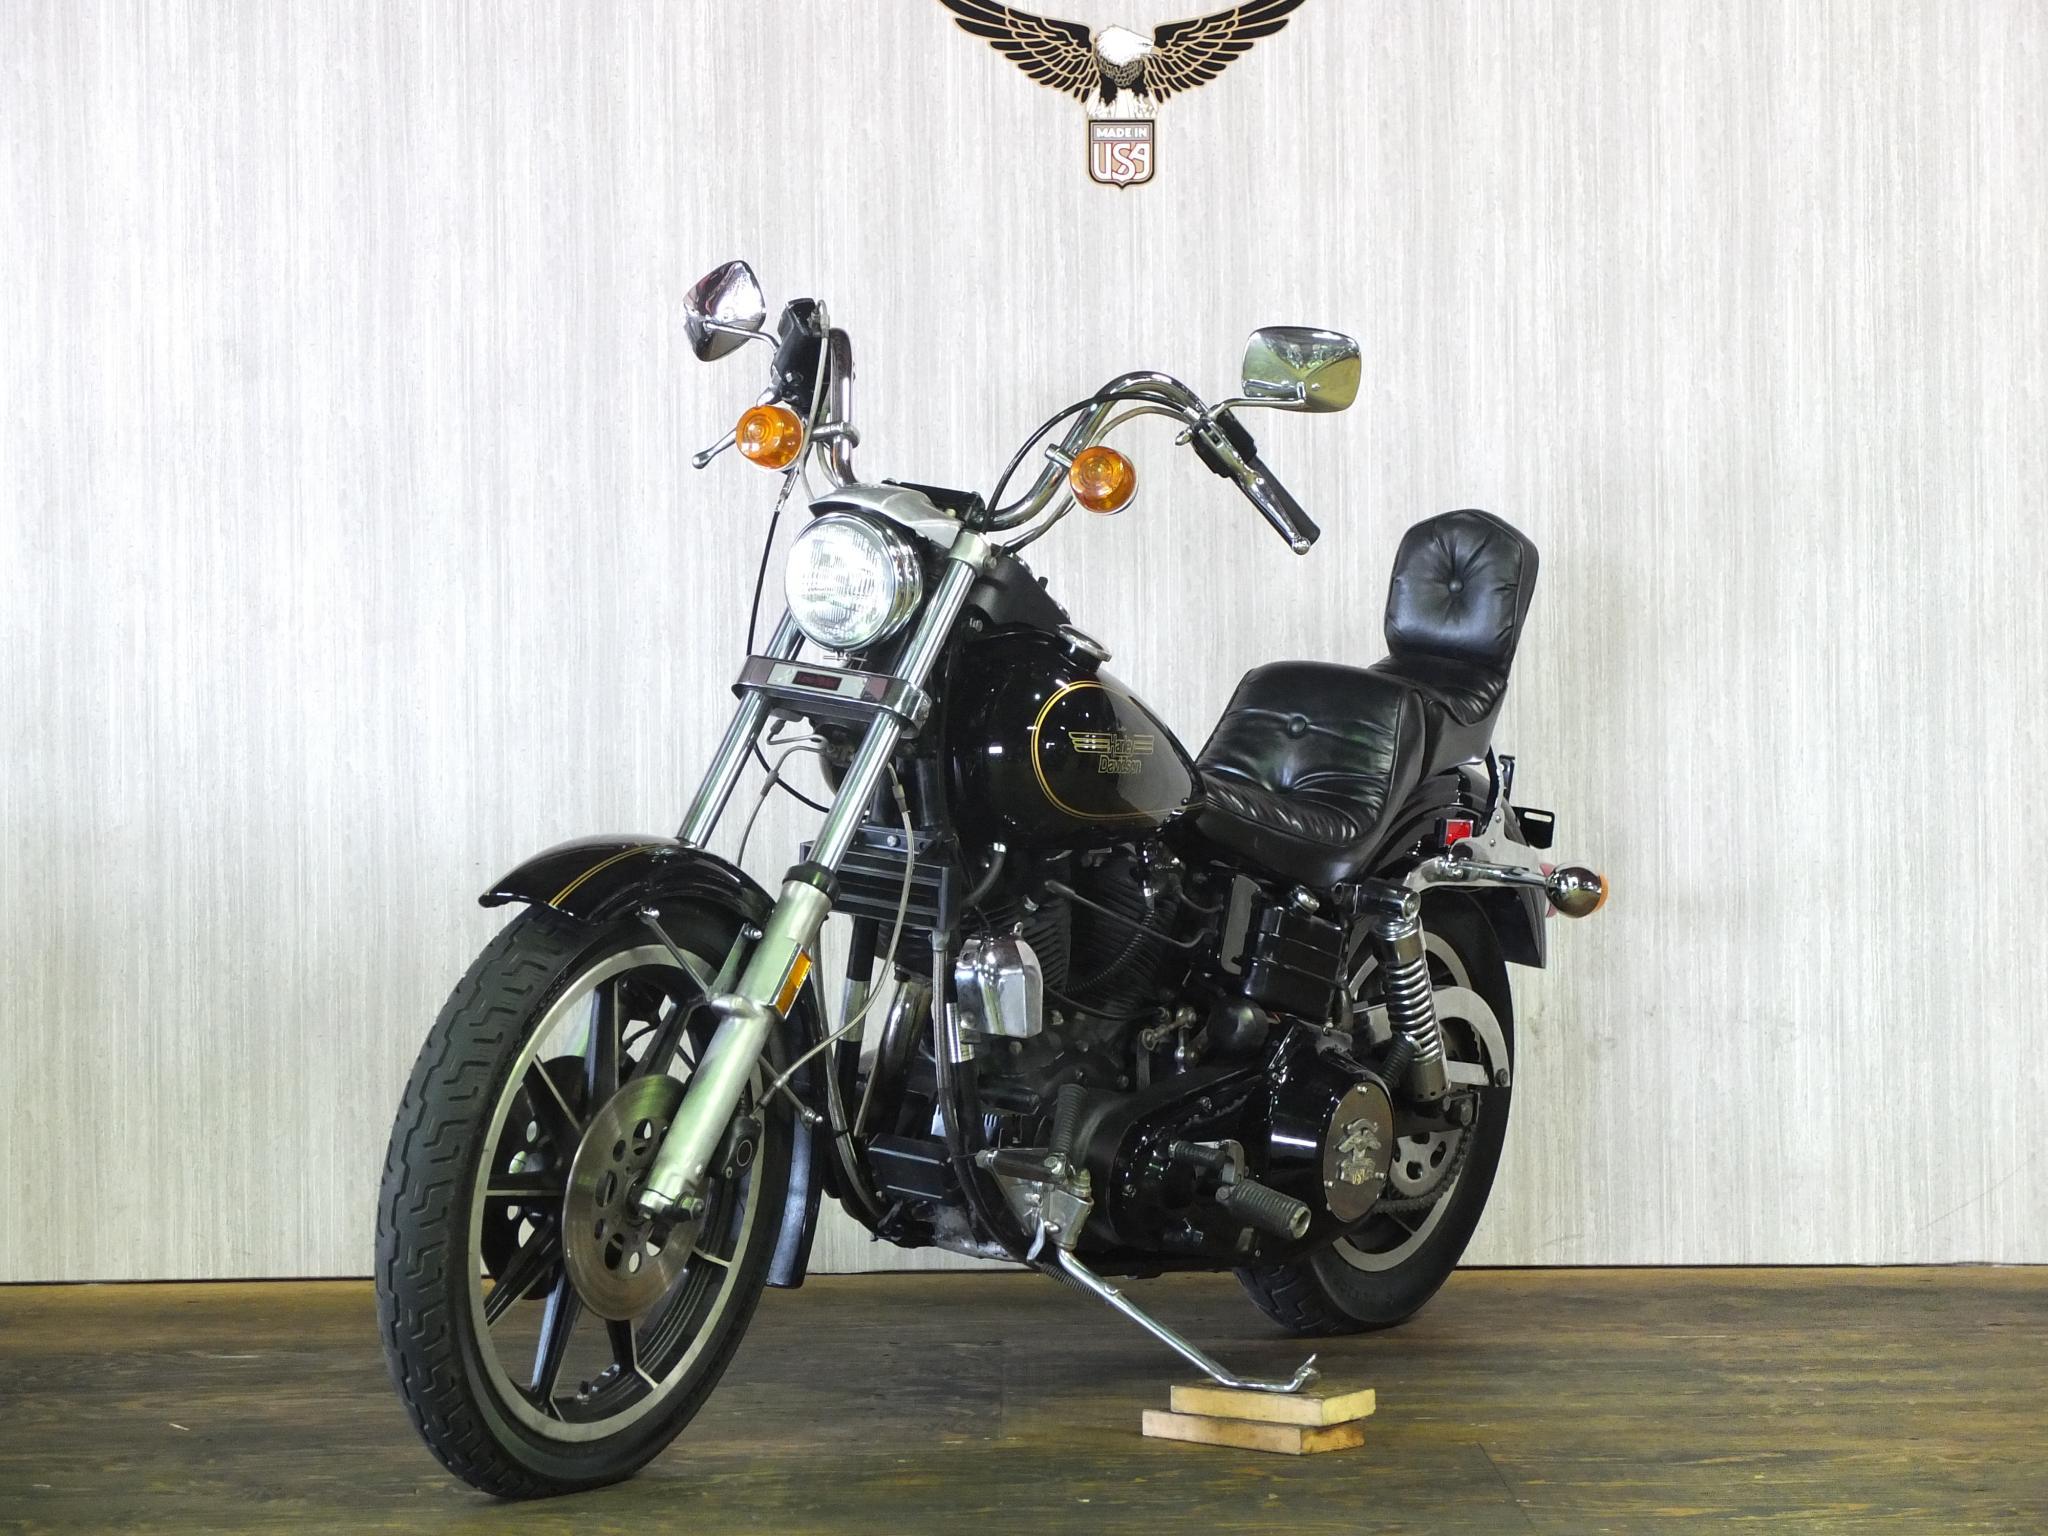 ハーレーダビッドソン 1981 FXS Low Rider 車体写真5